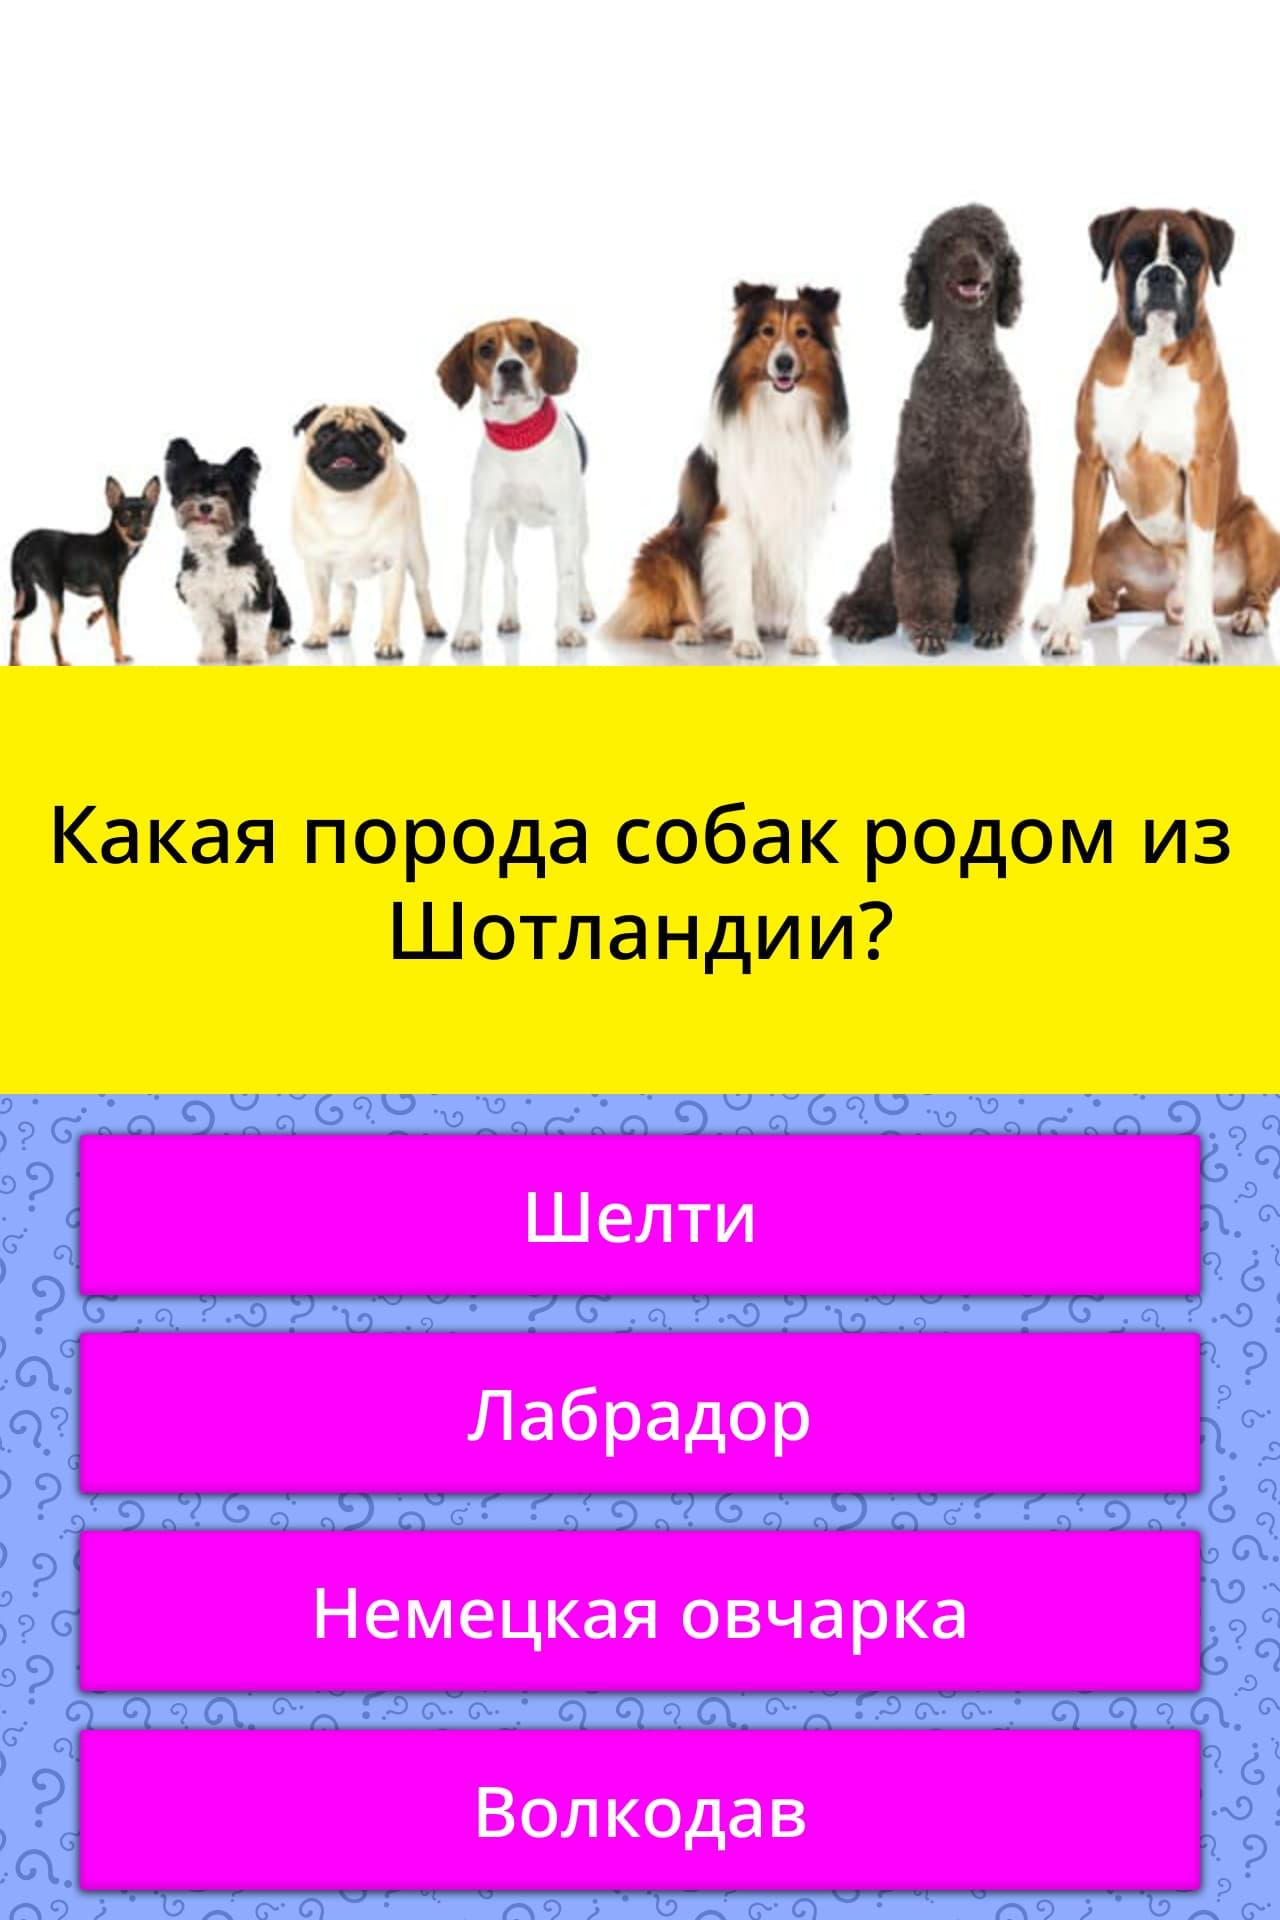 Топ 7 русских пород